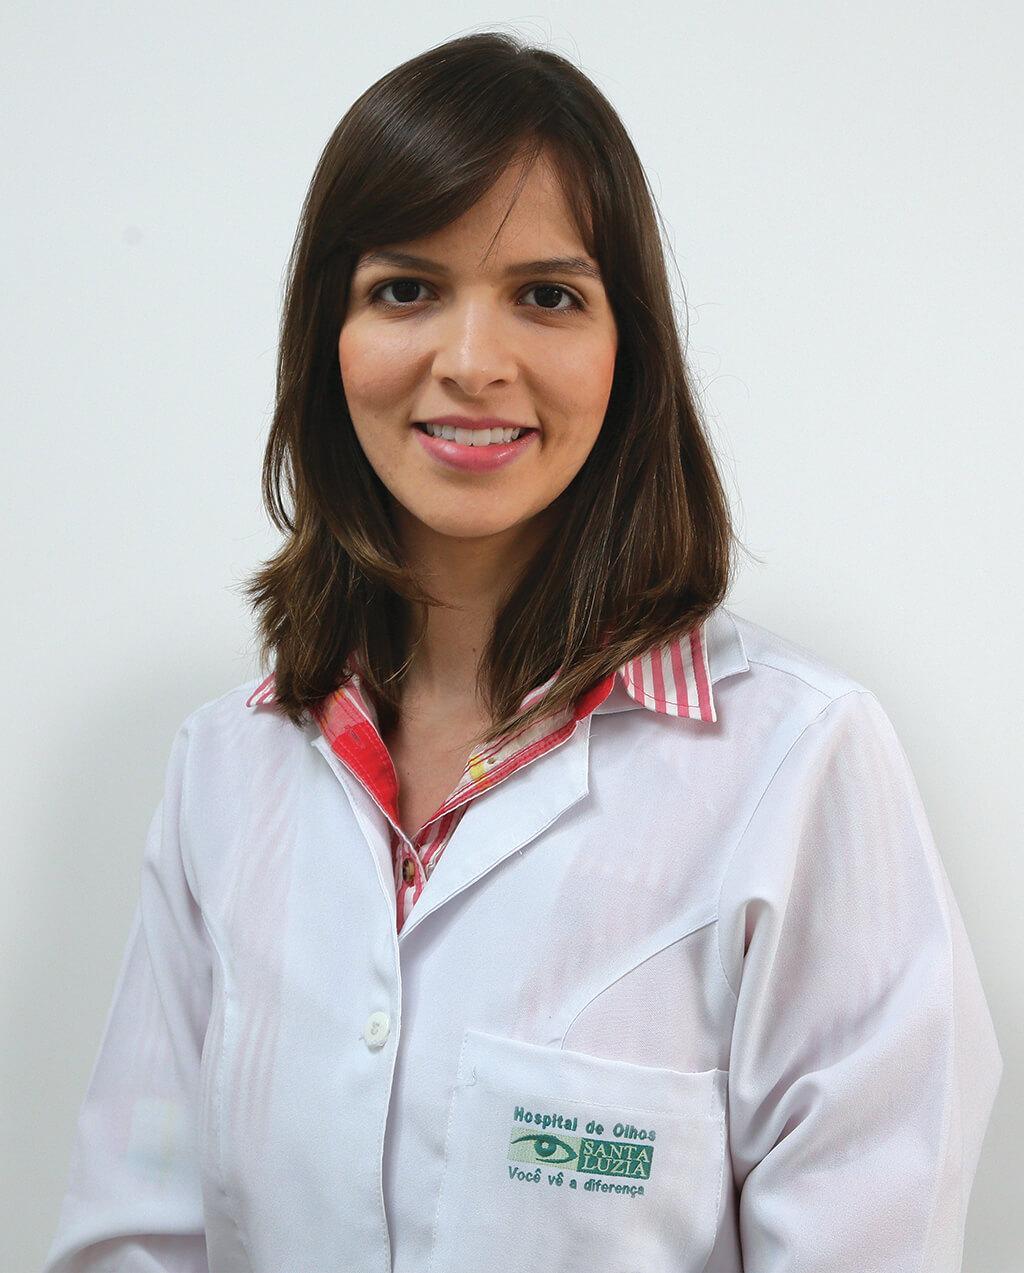 Fabiana da Fonte Gonçalves (CRM 17234)